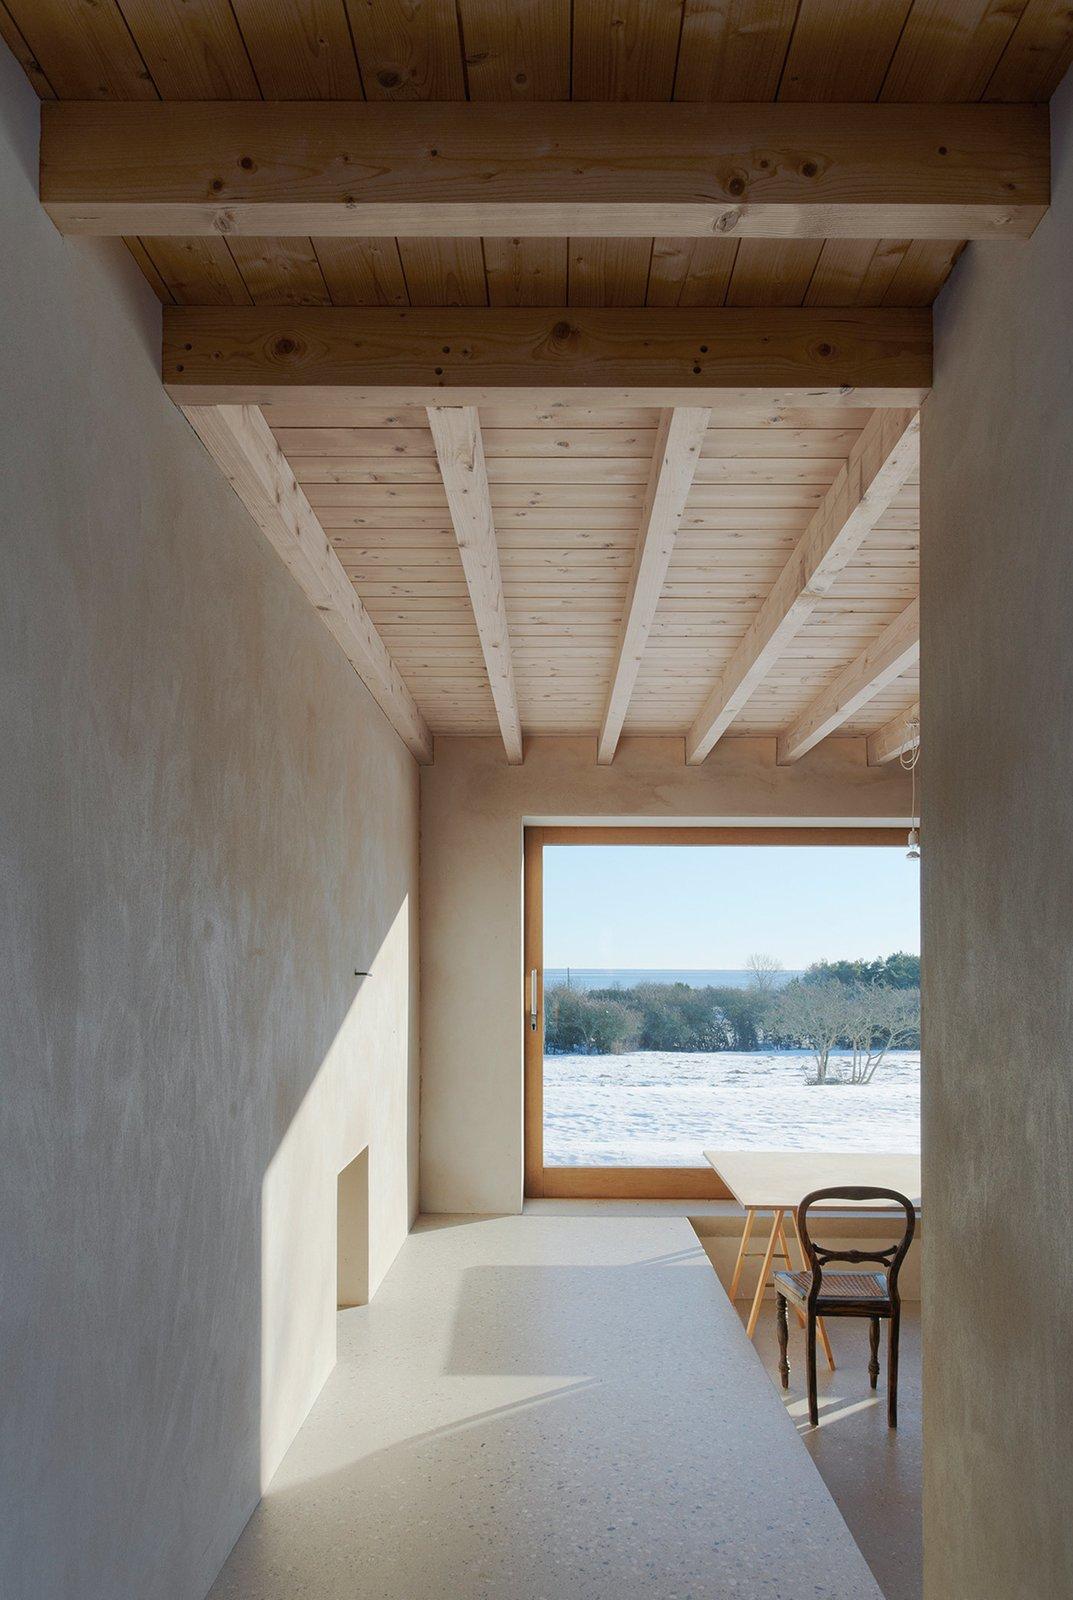 Photo 5 of 6 in Atrium House By Tham & Videgård Arkitekter